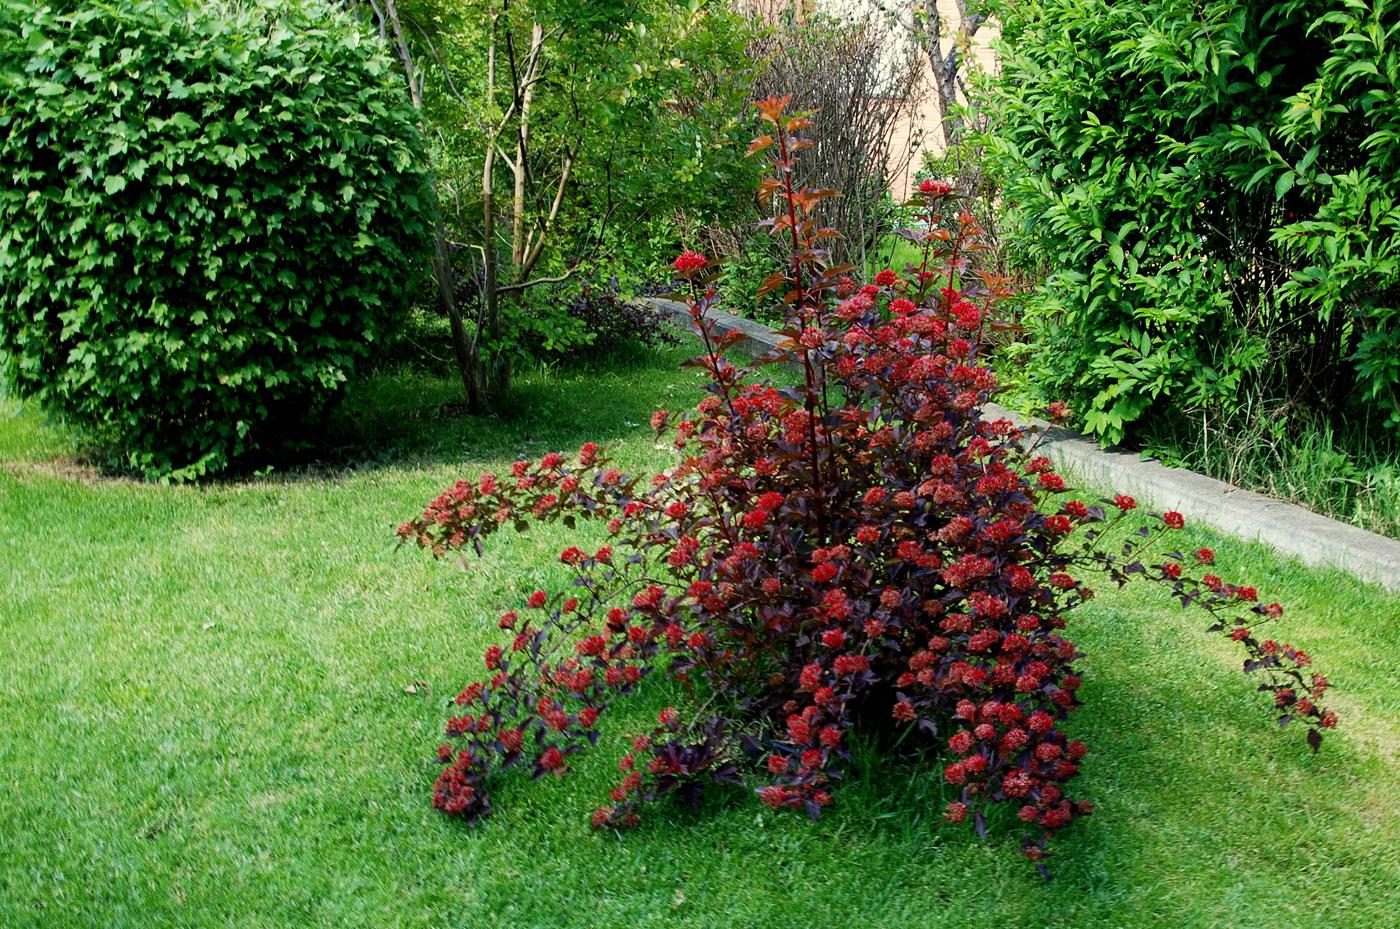 Il mondo in un giardino un diavolo in giardino for Giardino fiori